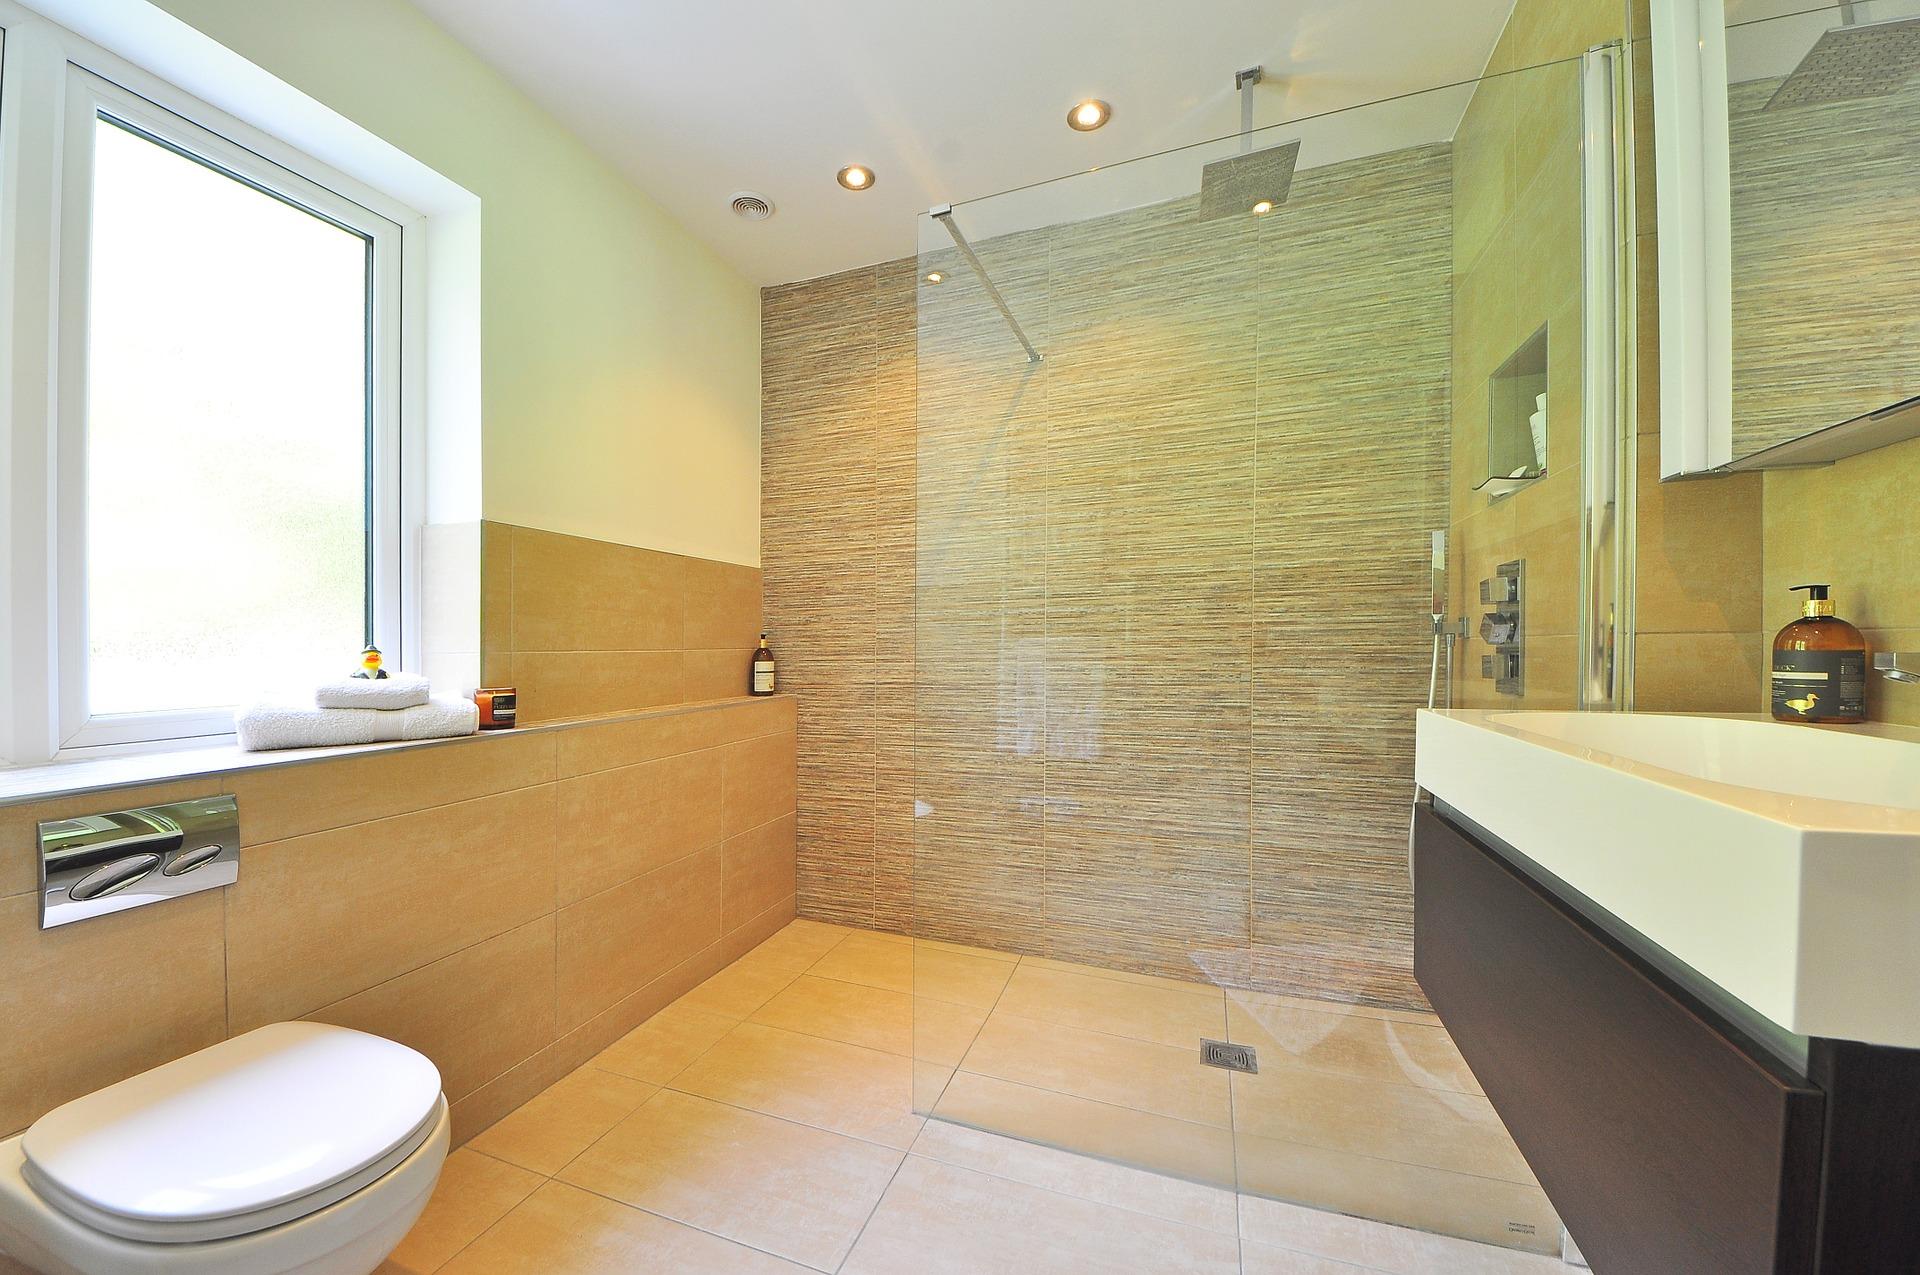 Comment remplacer un receveur de douche bricolage blog - Remplacer bac de douche ...